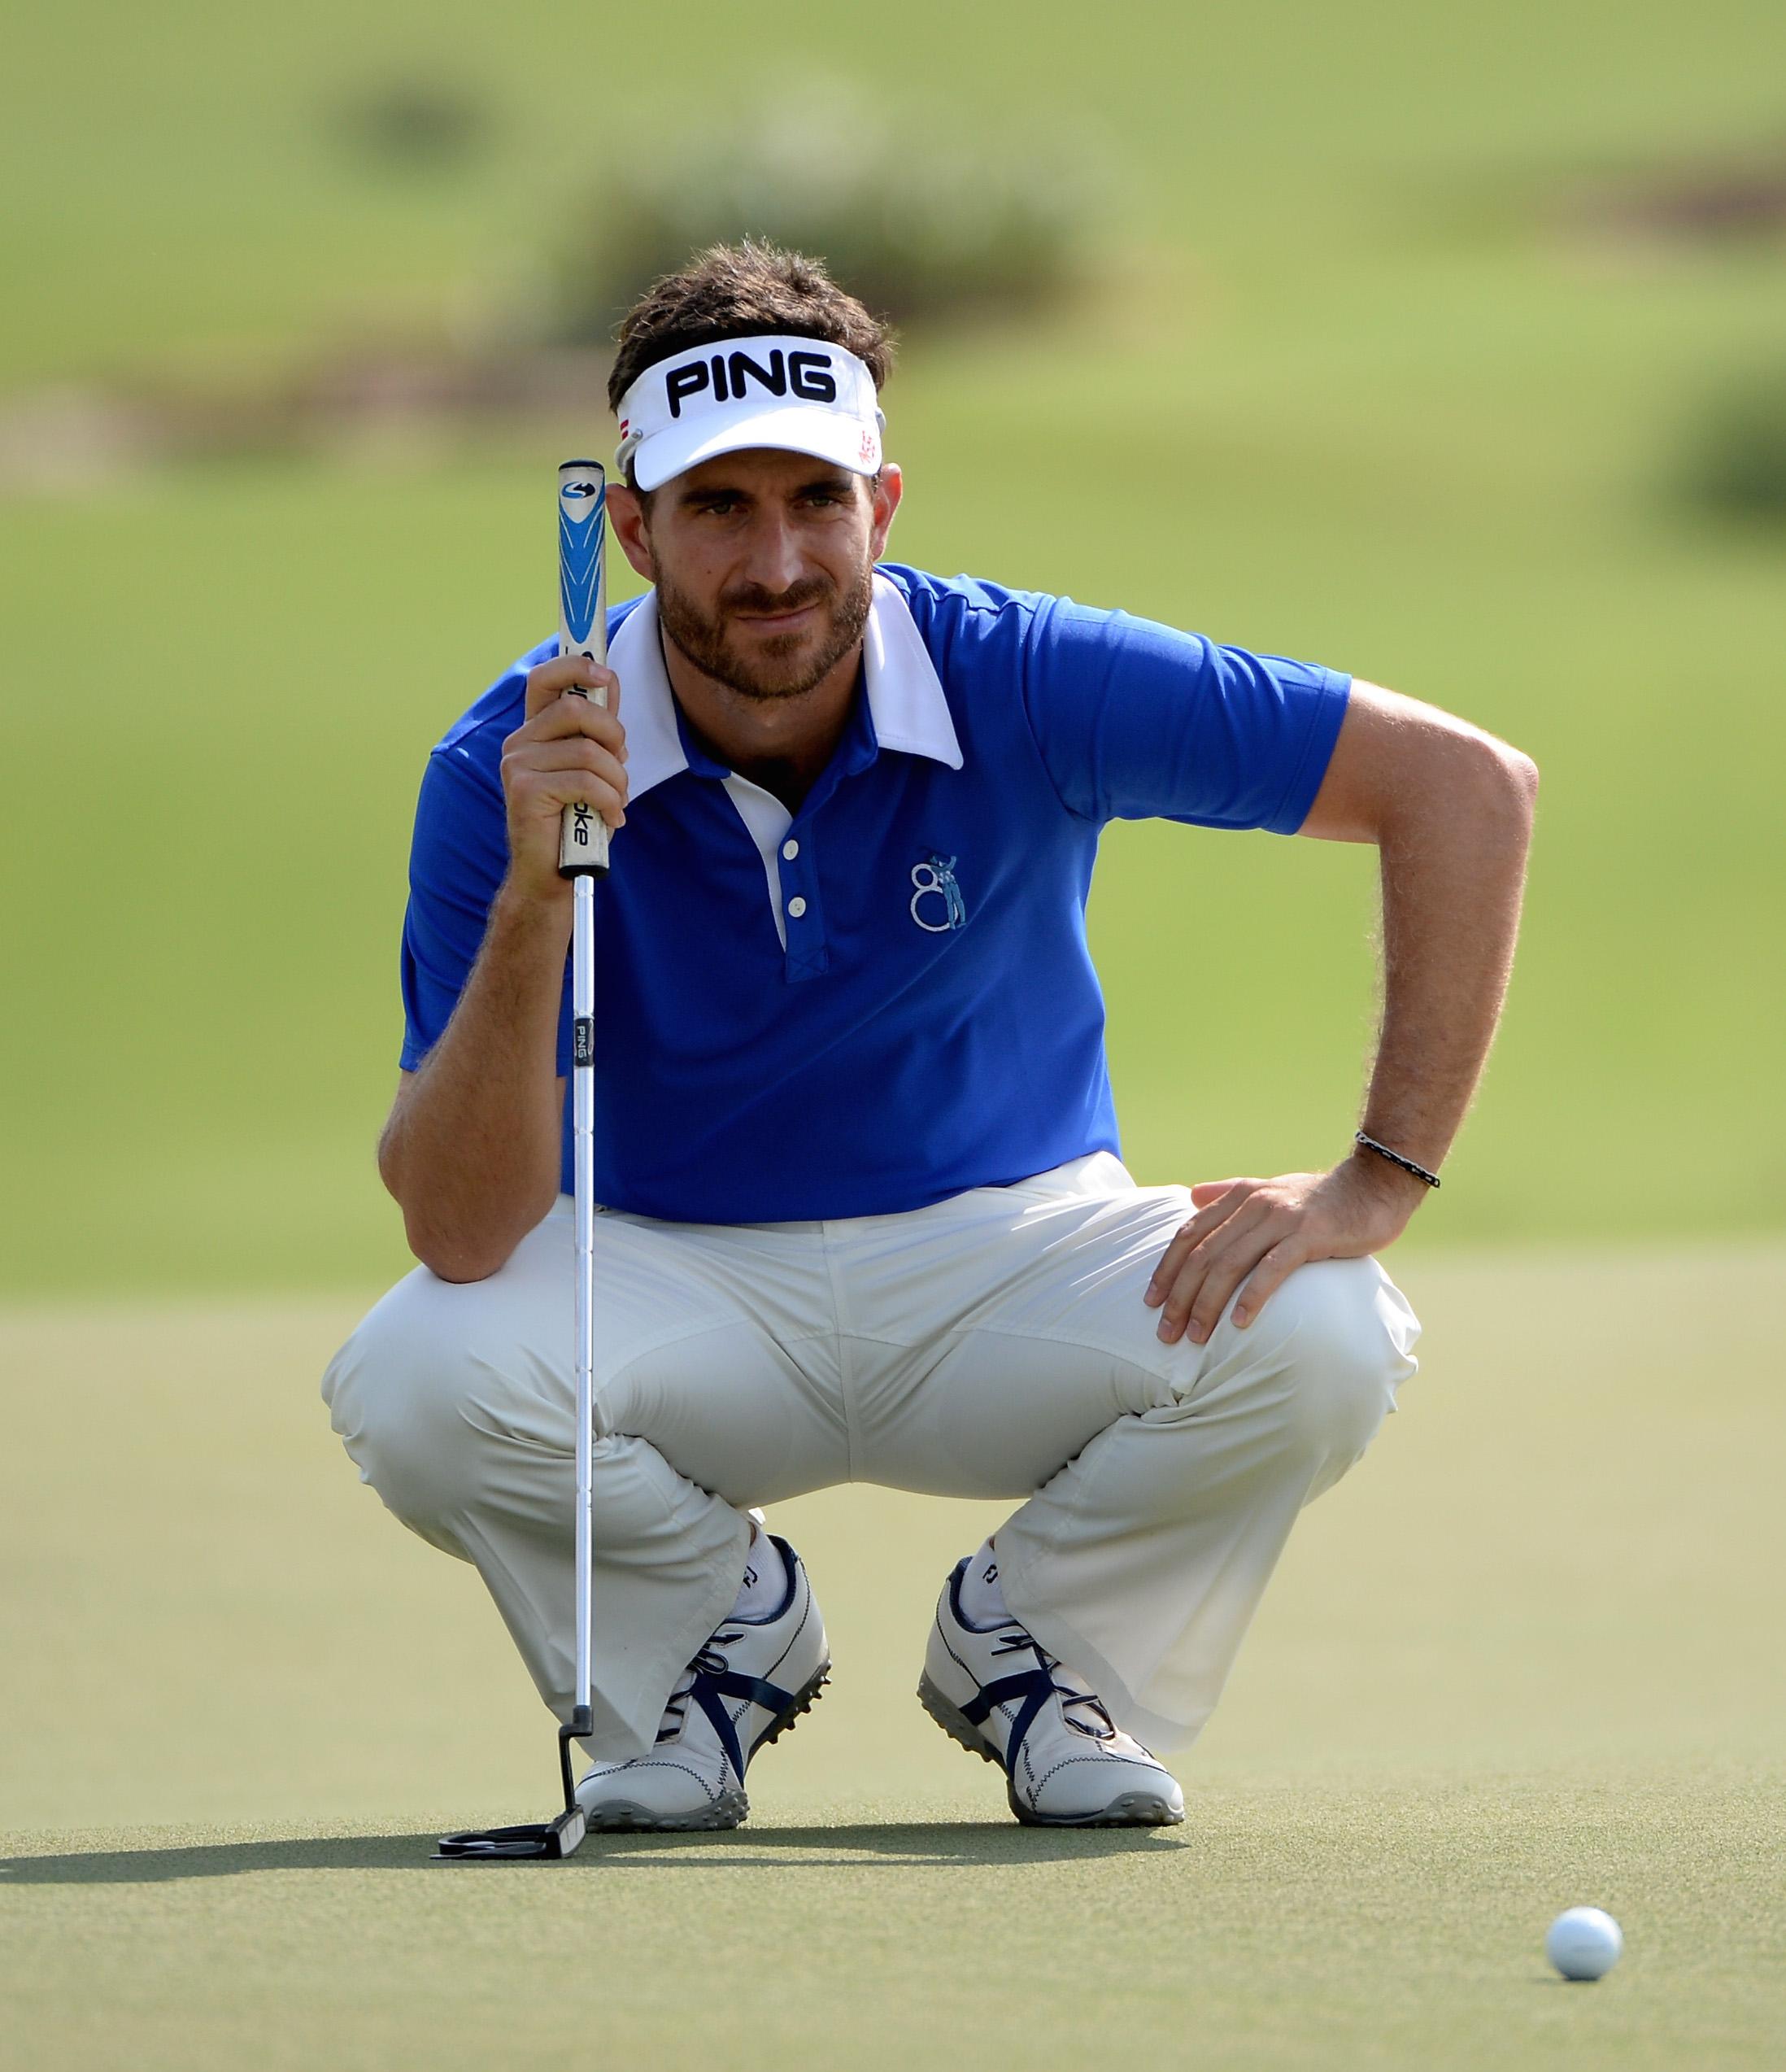 Avatar of golfer named Alejandro Canizares